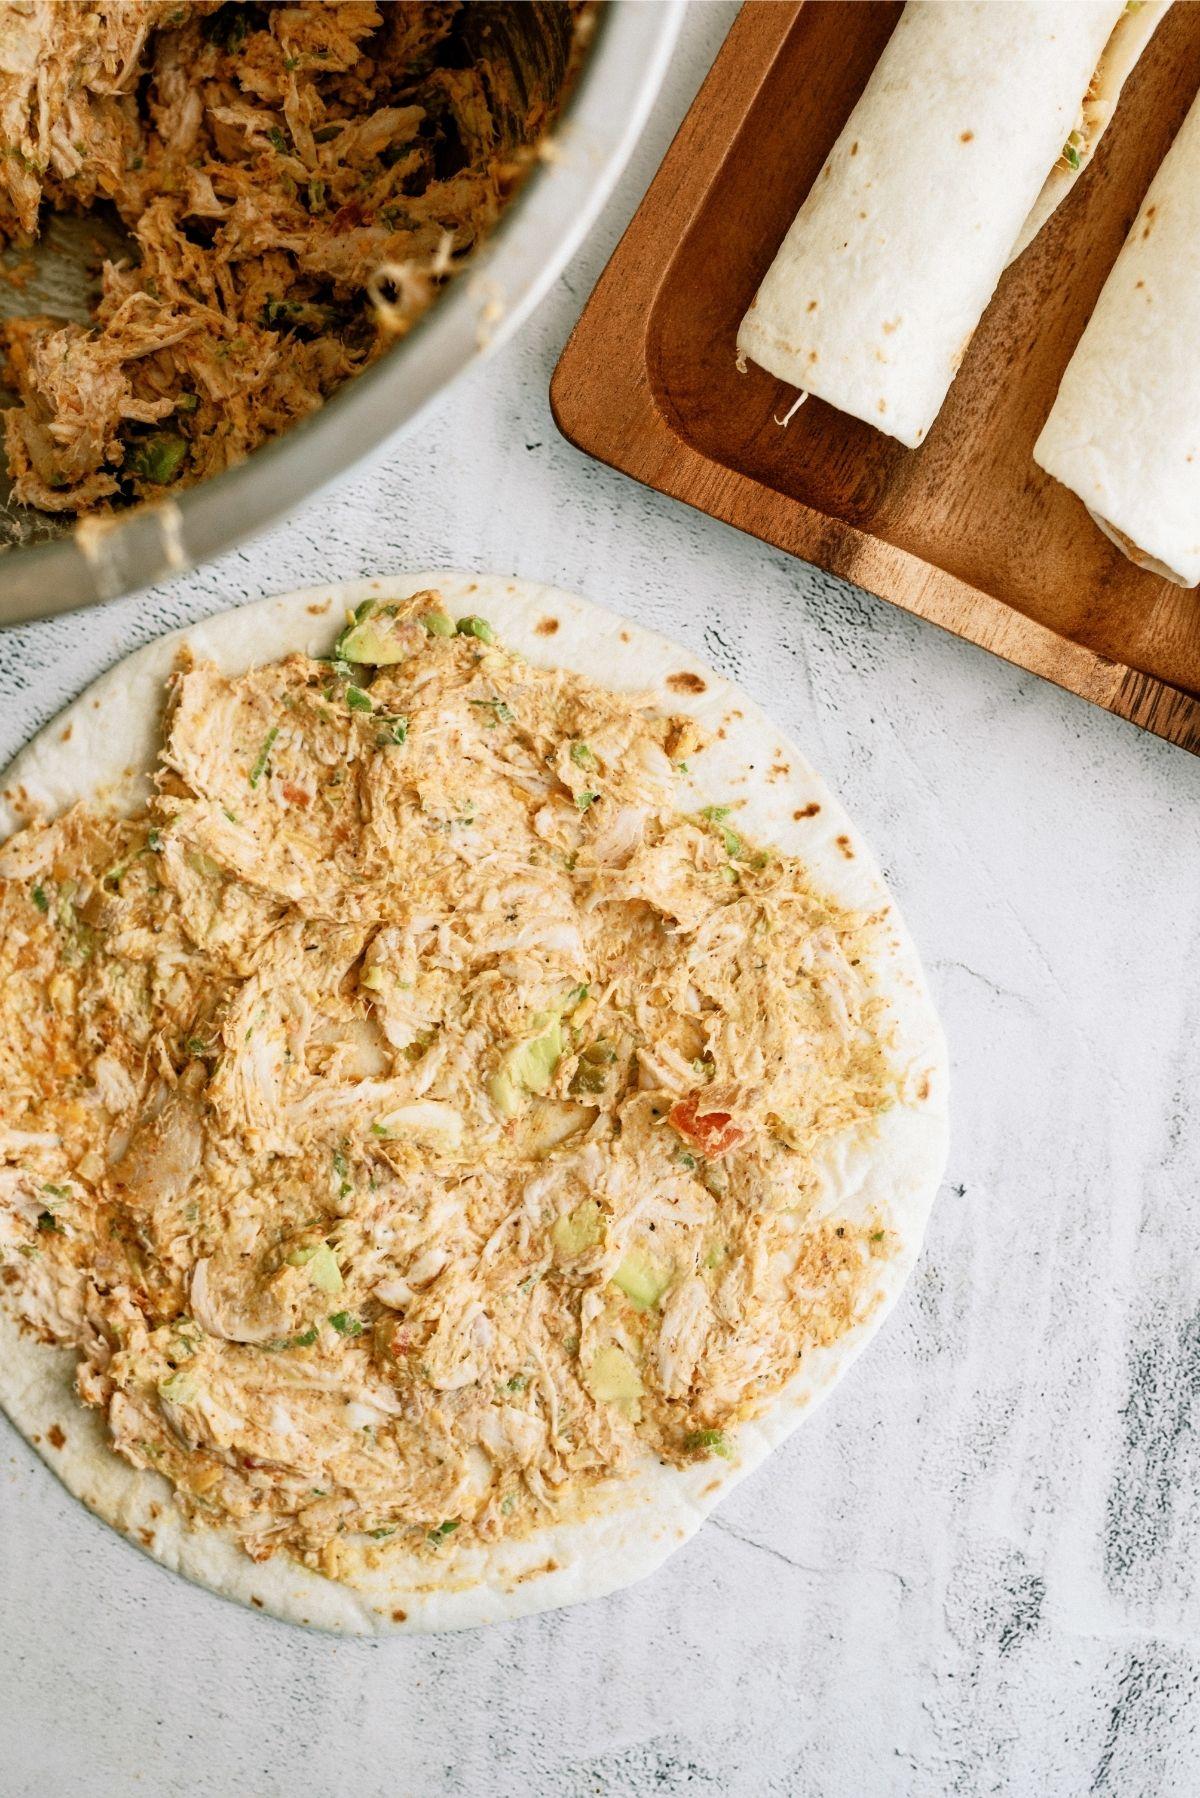 Thin layer of cream chicken mixture spread on tortilla